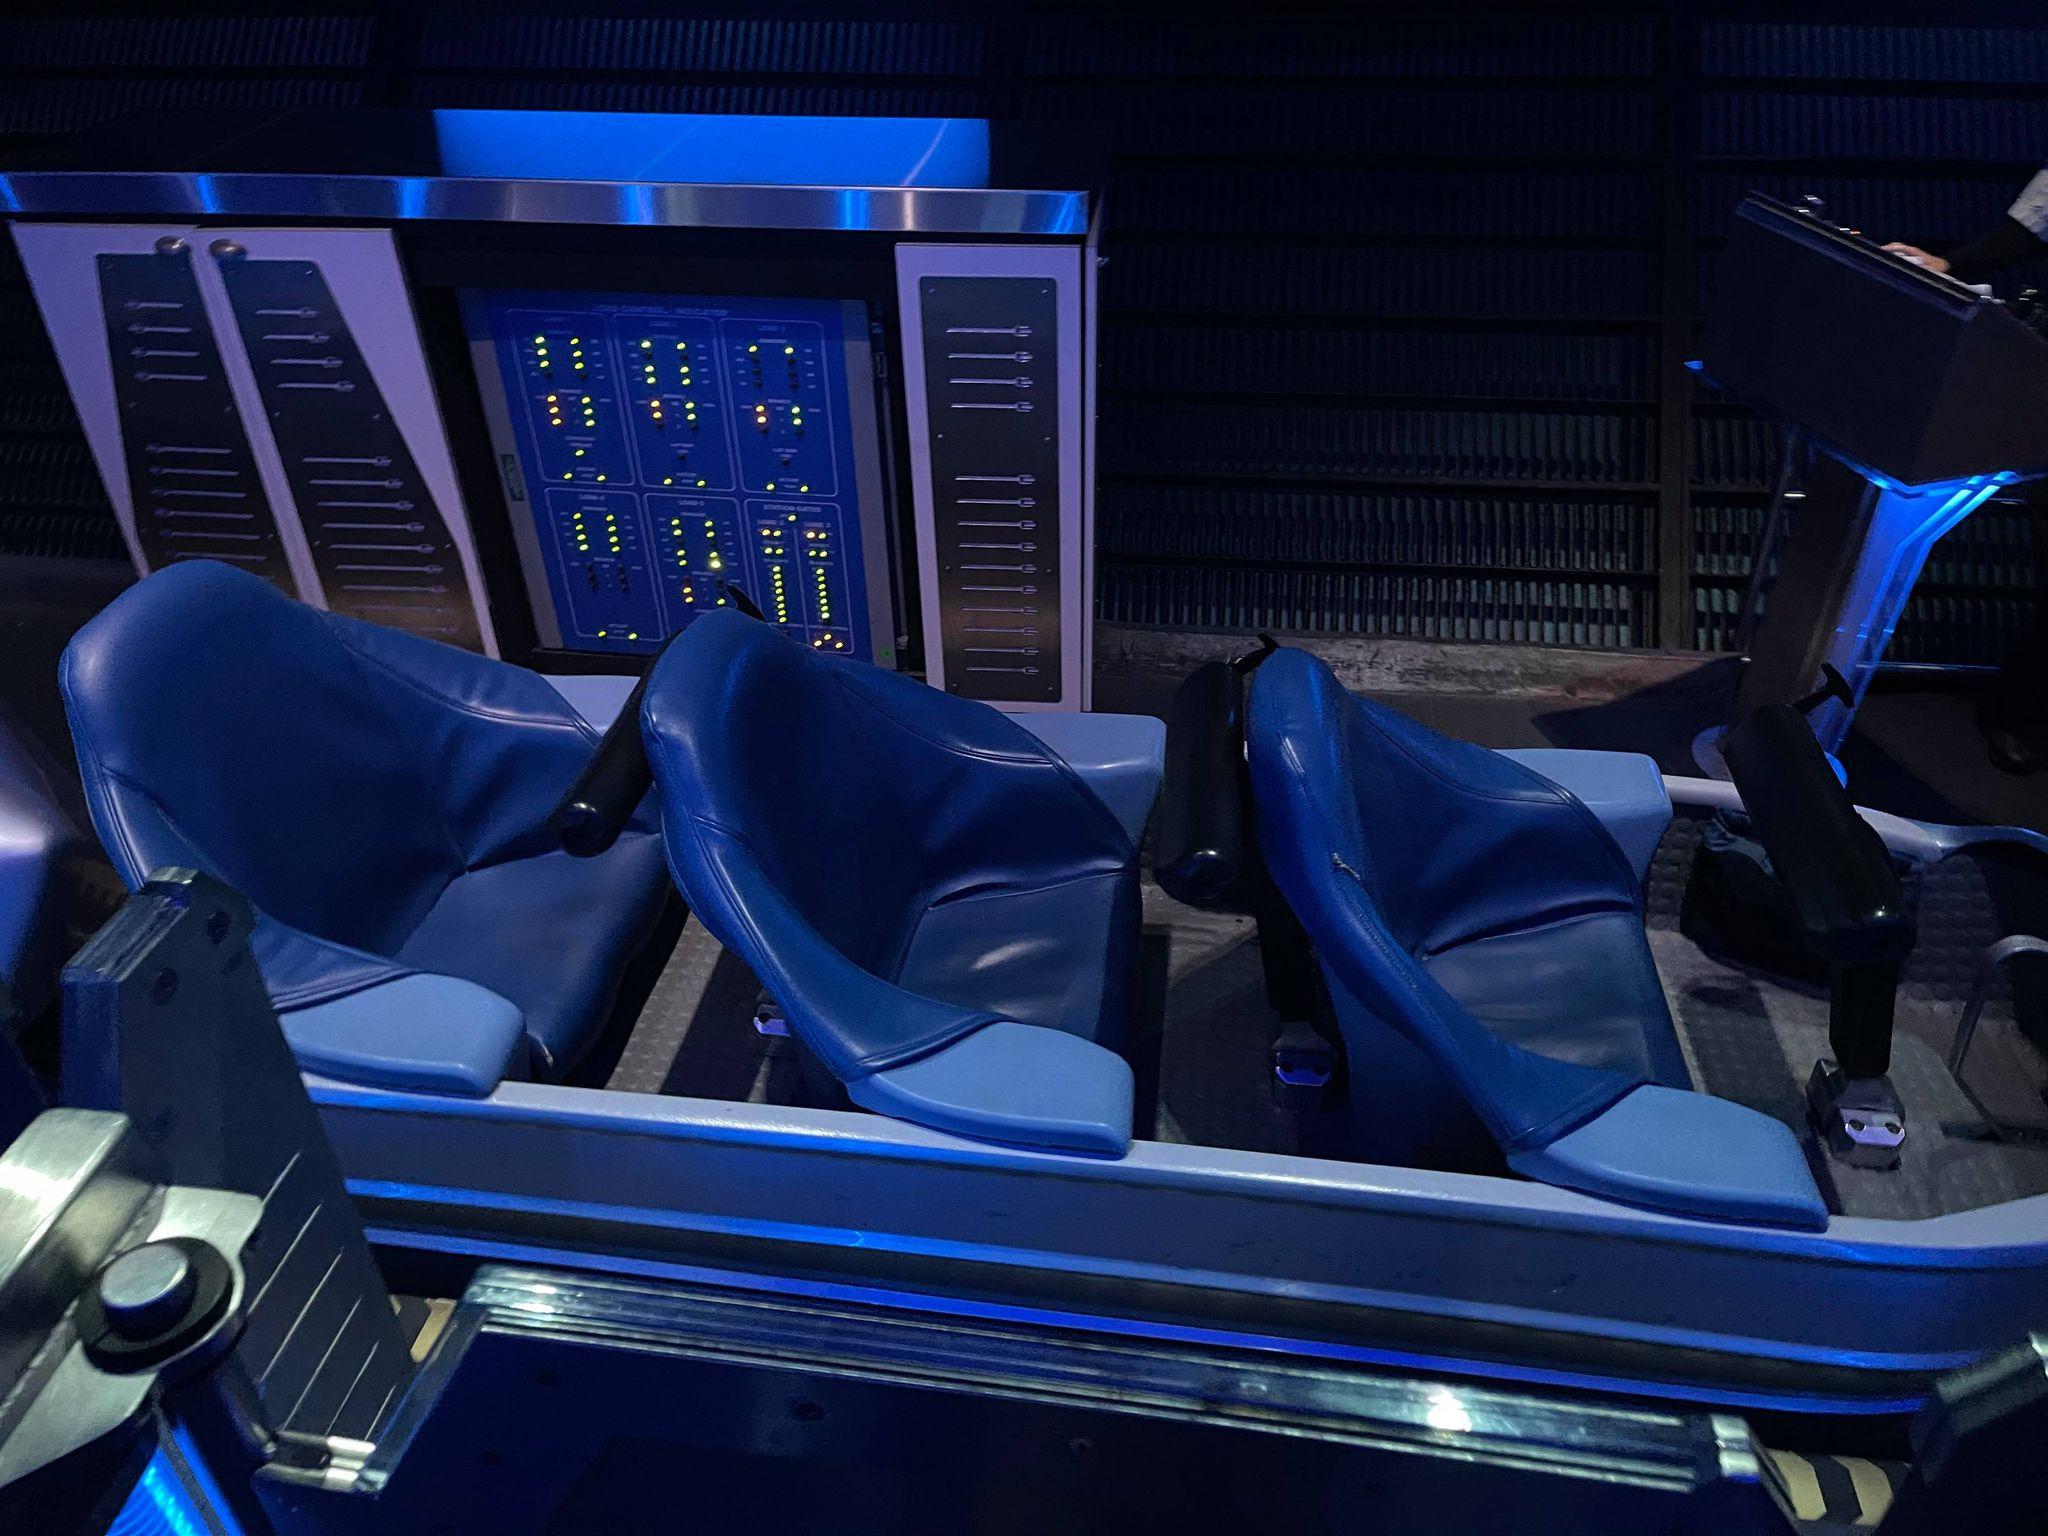 Space Mountain ride car